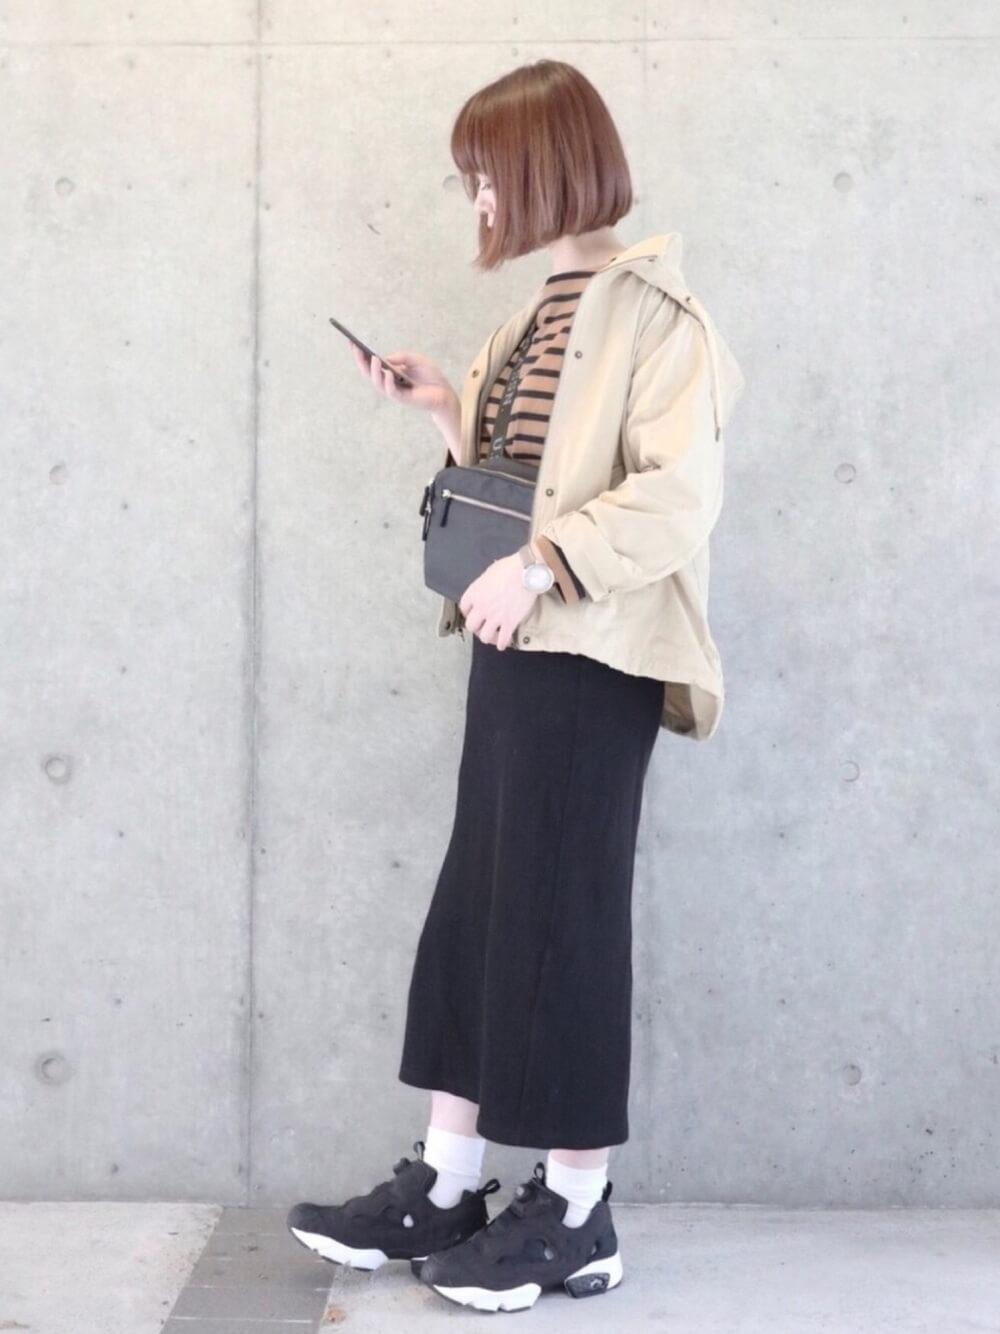 ポンプフューリー×ベージュのマウンテンパーカー×ボーダー柄の長袖カットソー×黒のタイトロングスカート